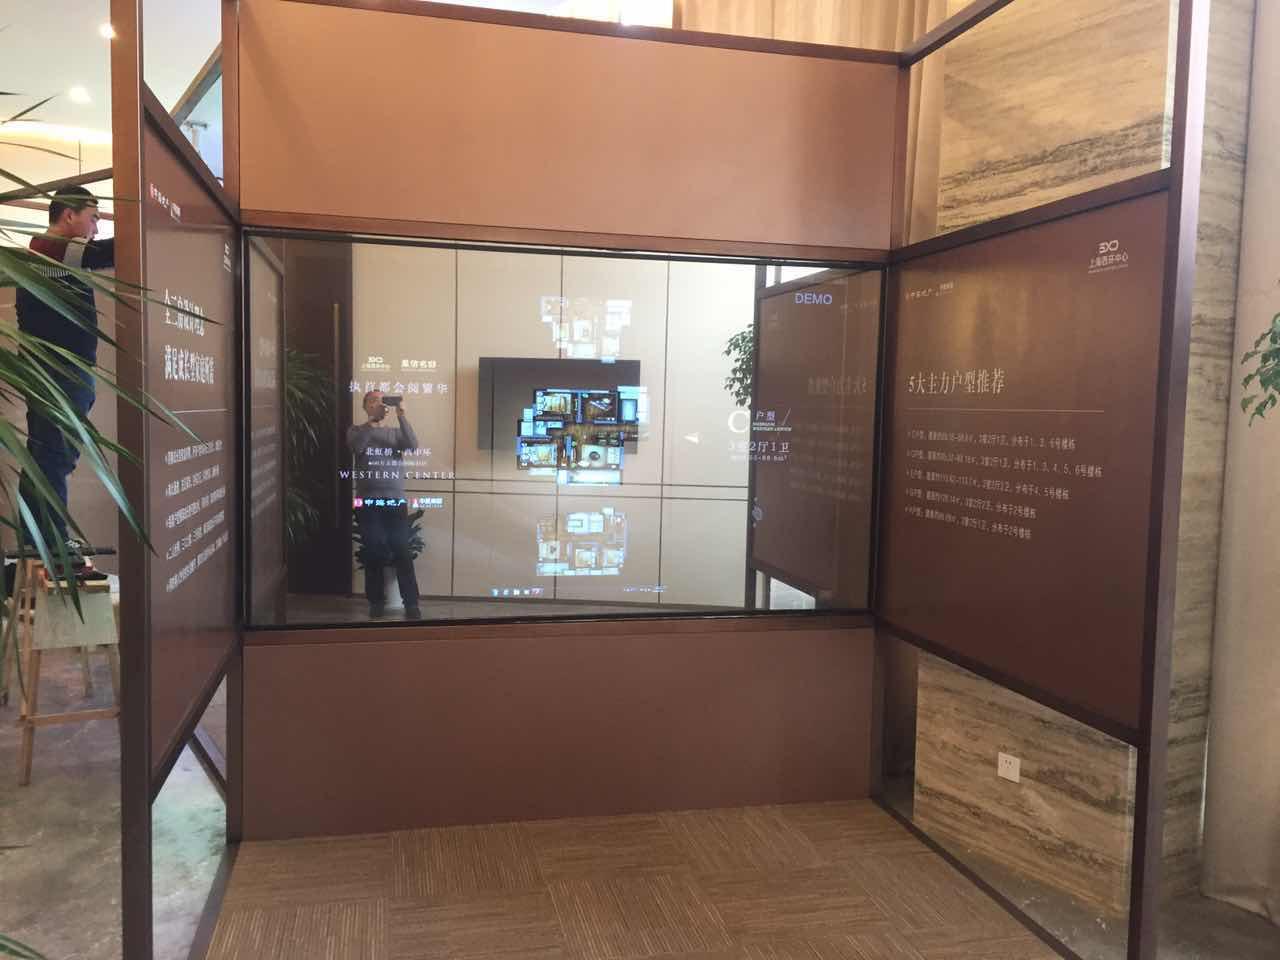 中海地产上海西环中心多媒体展示区